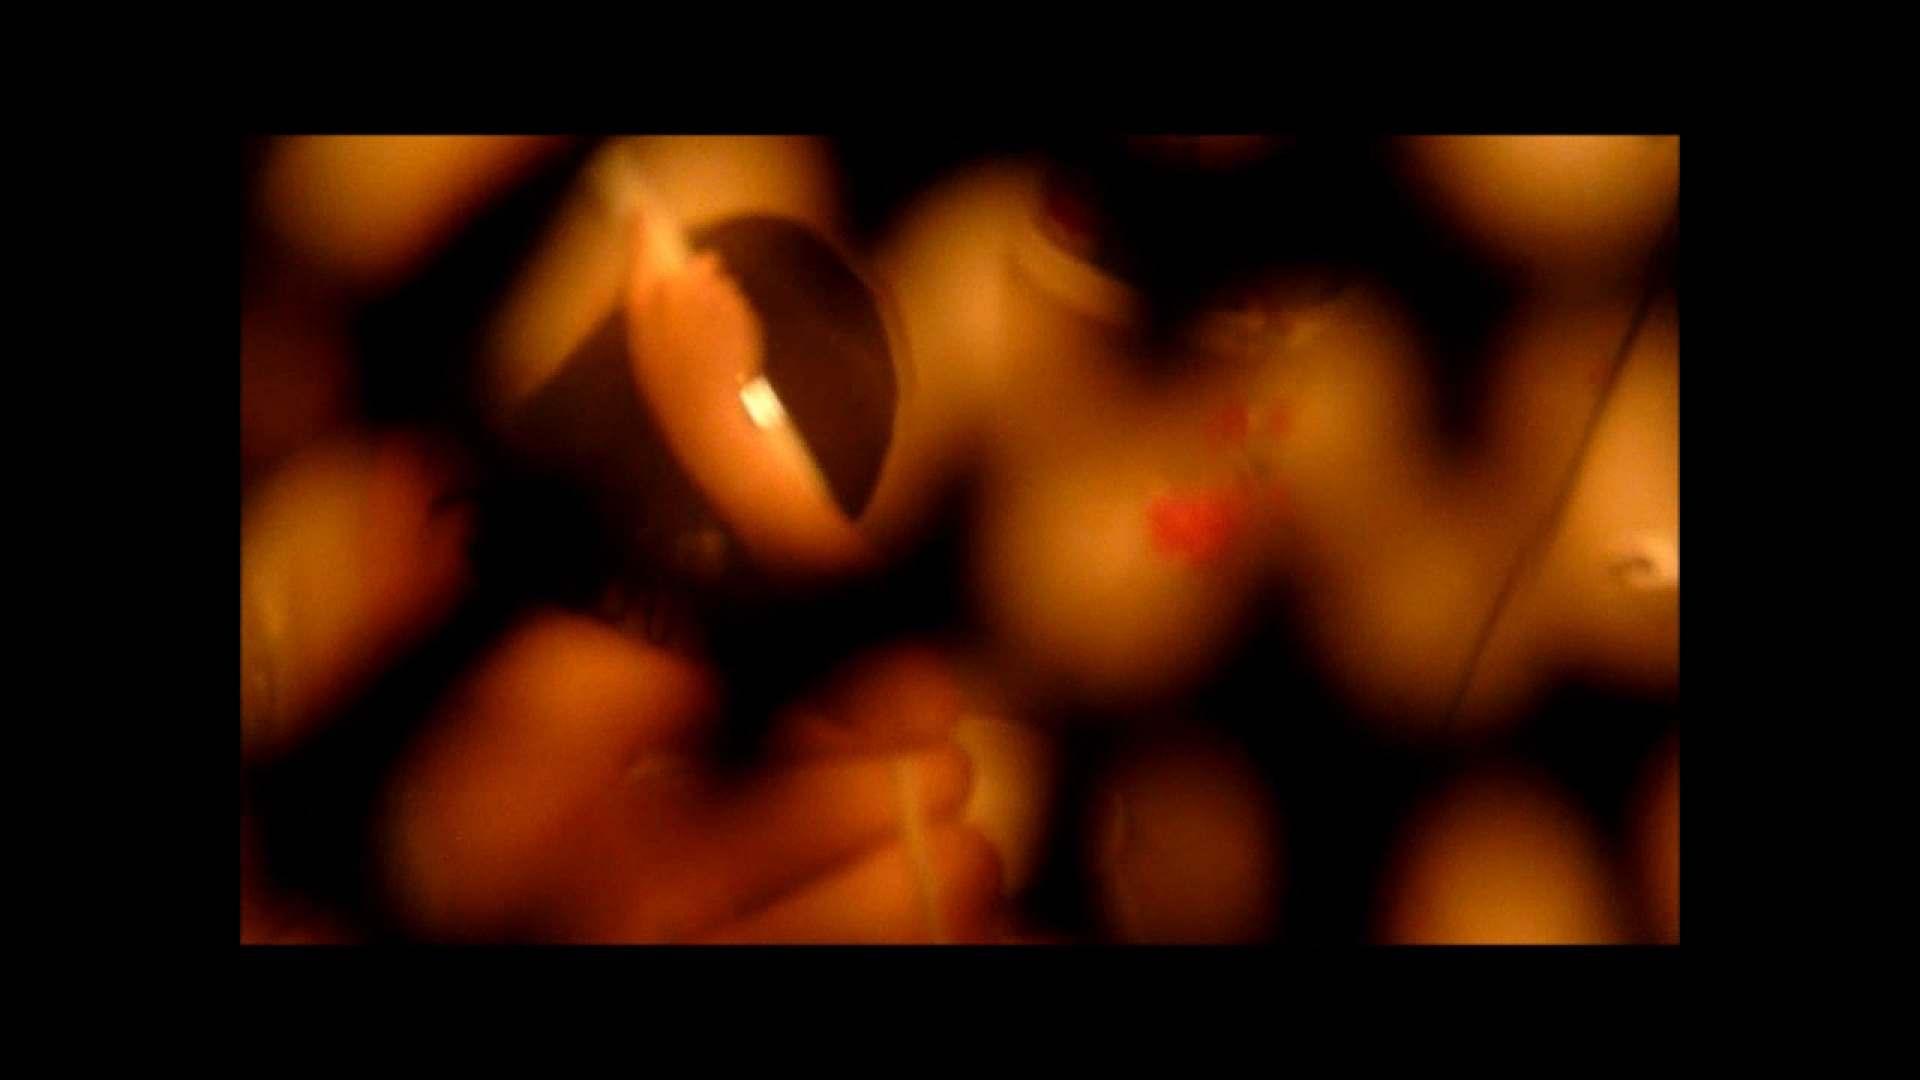 【02】ベランダに侵入して張り込みを始めて・・・やっと結果が出ました。 家宅侵入 | 0  82画像 72